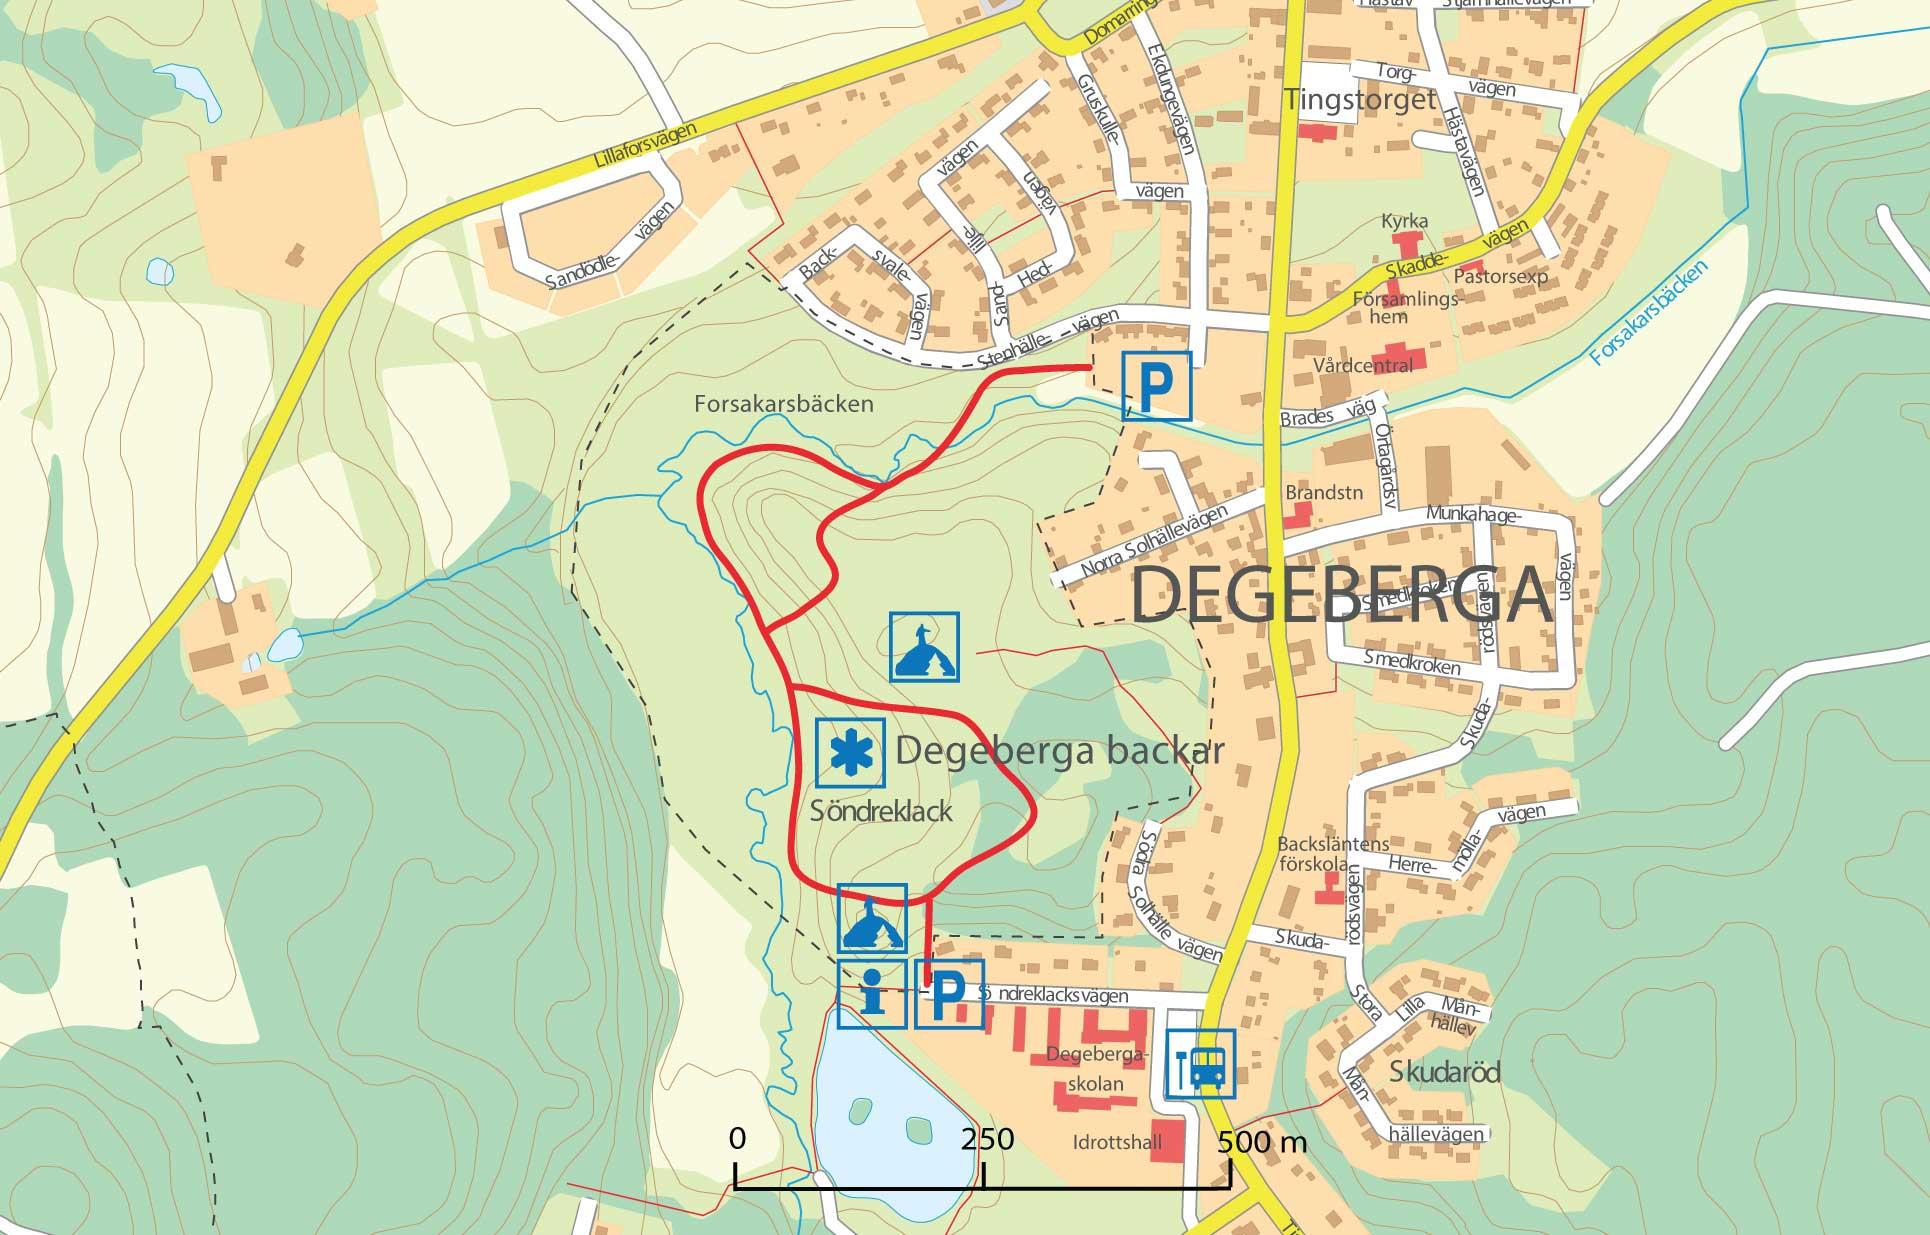 Karta över Degeberga backar